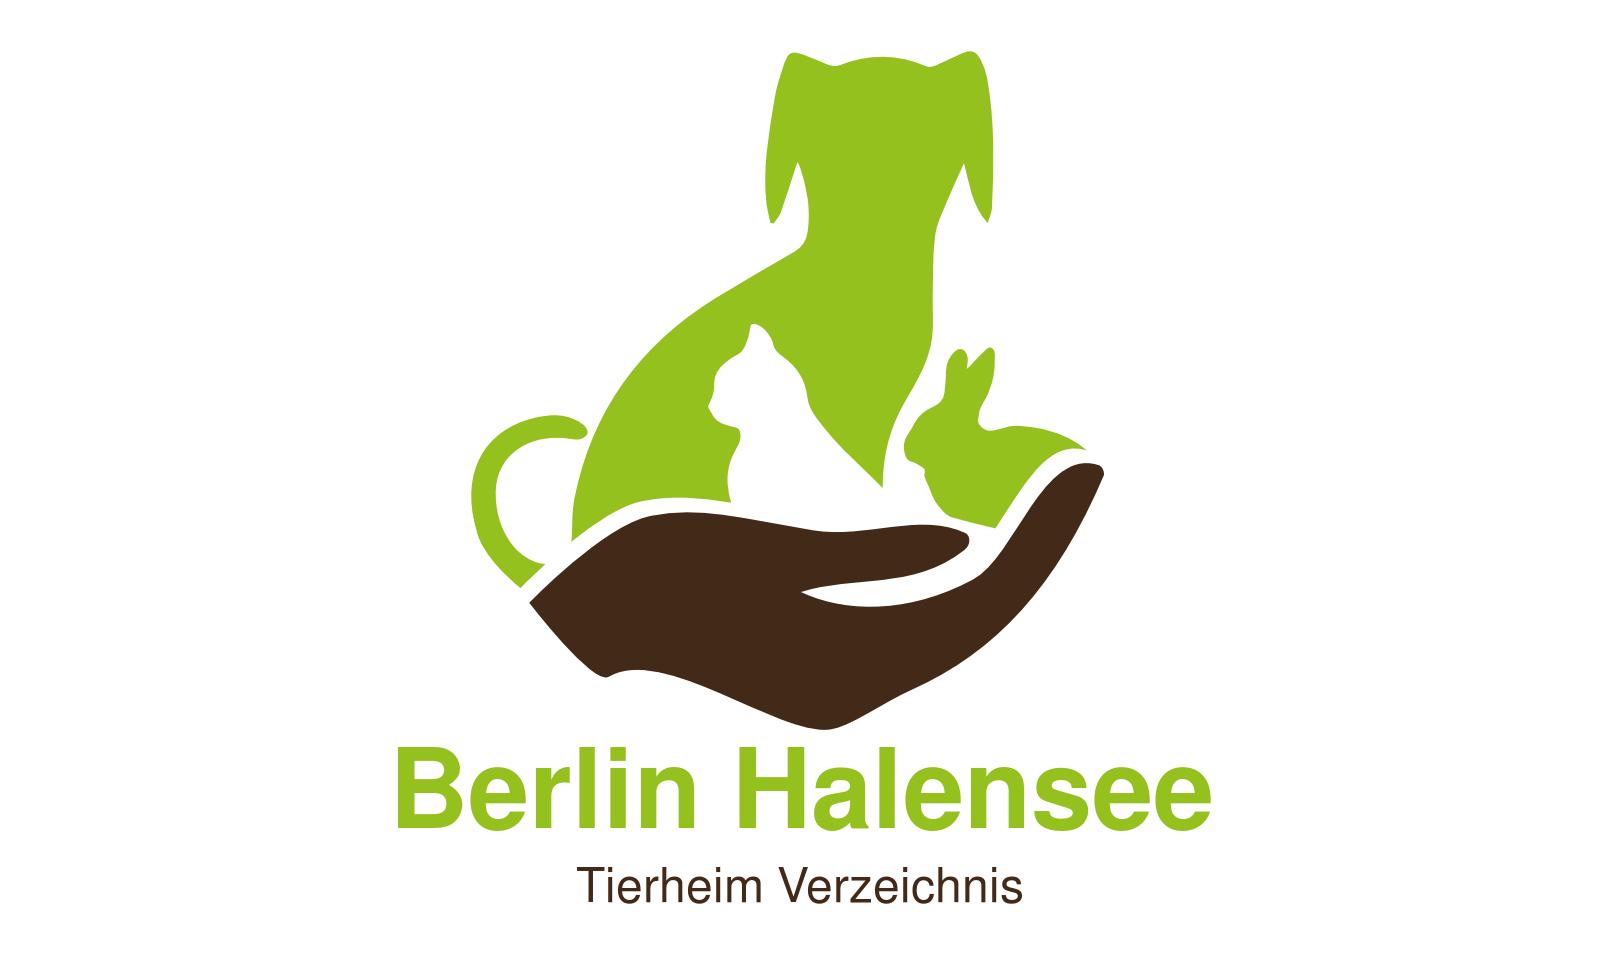 Tierheim Berlin Halensee